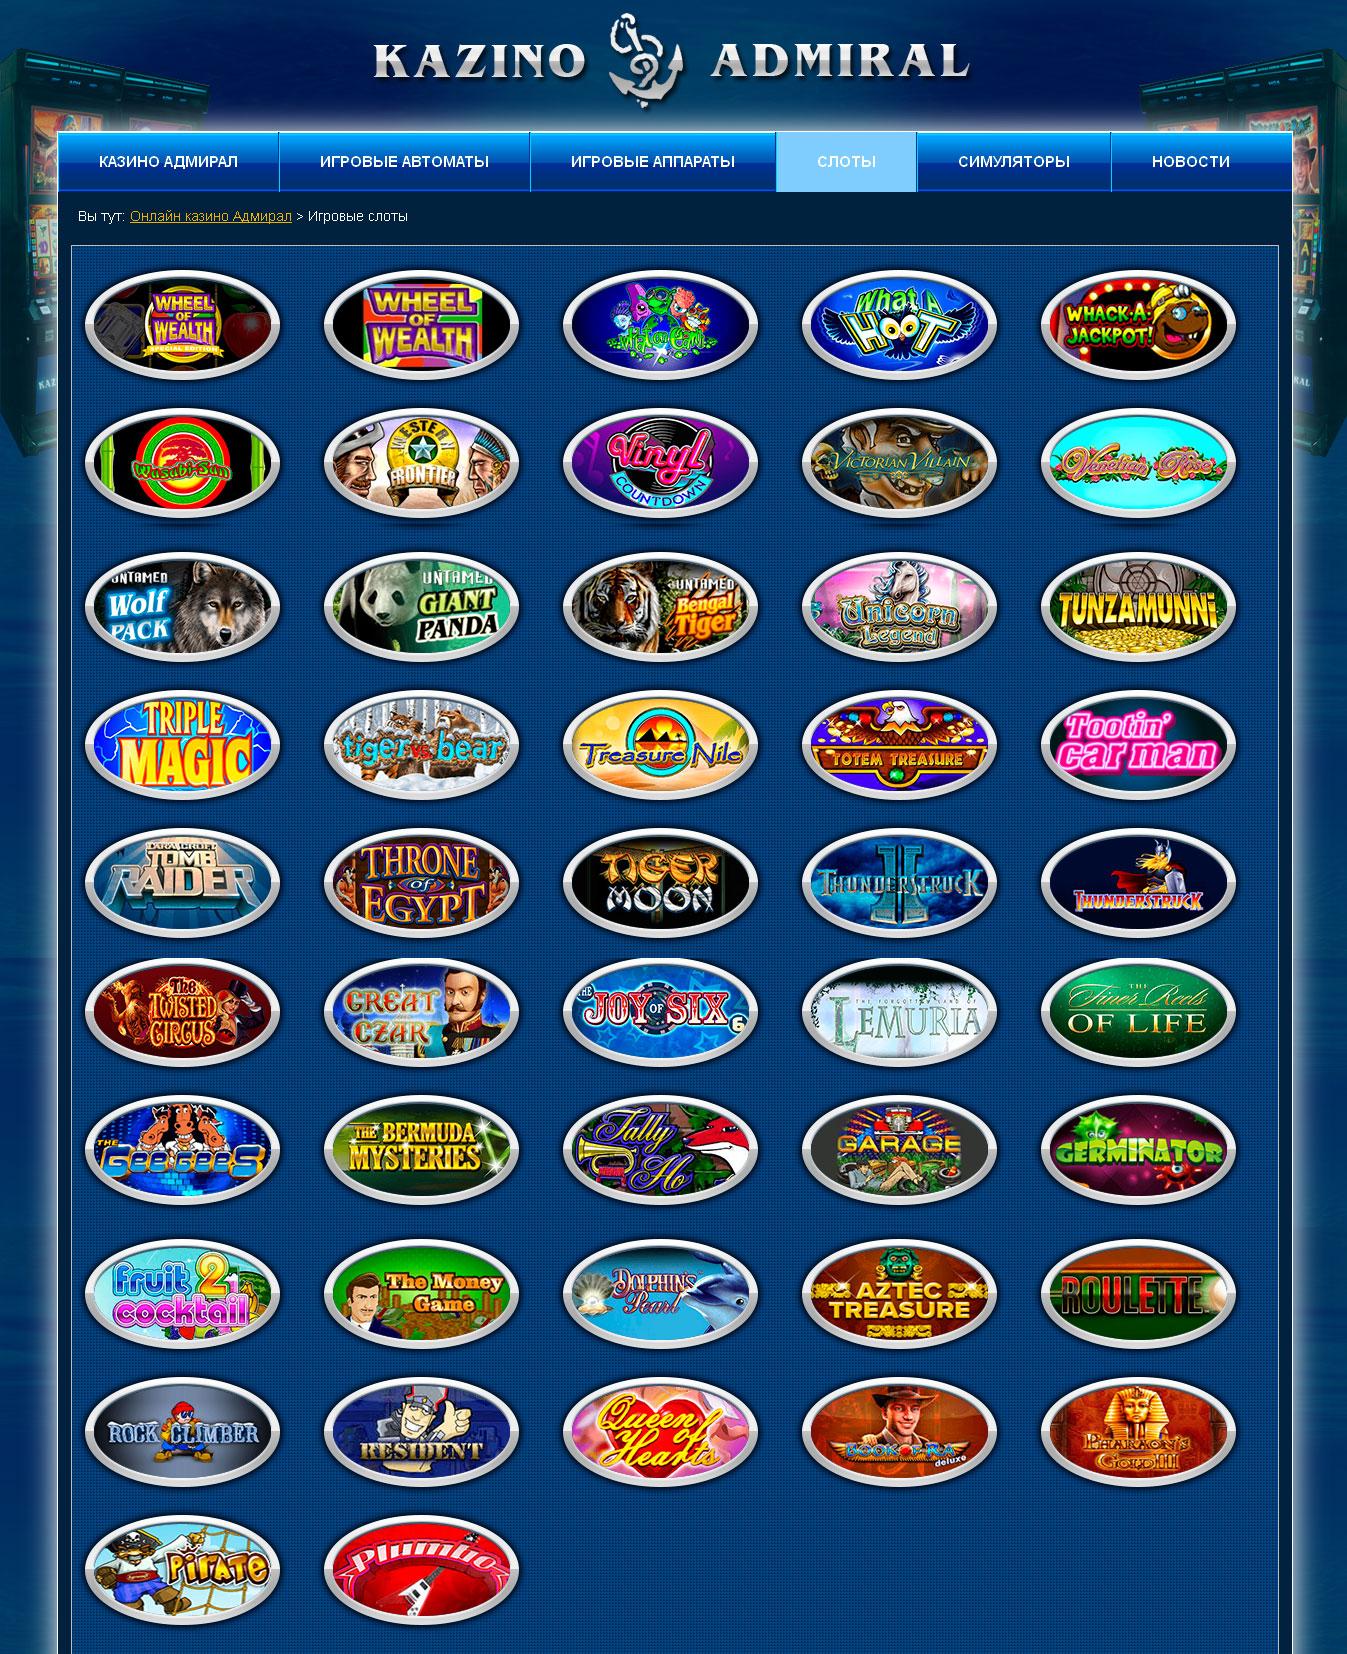 Играть в игровые автоматы и рулетку в Адмирале на деньги